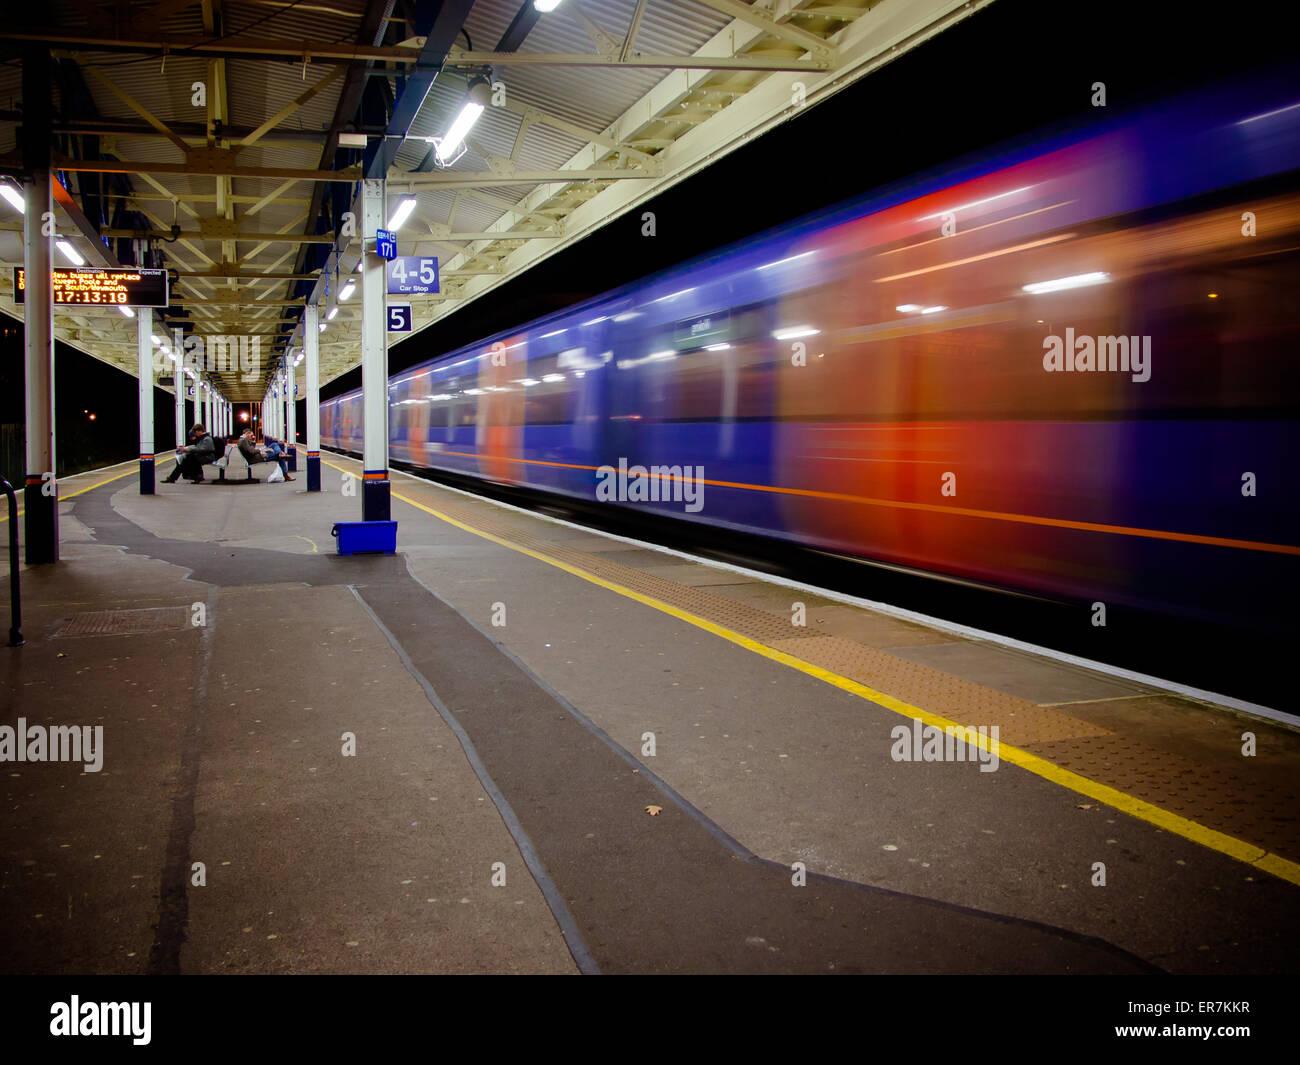 a-train-speeding-through-a-train-station